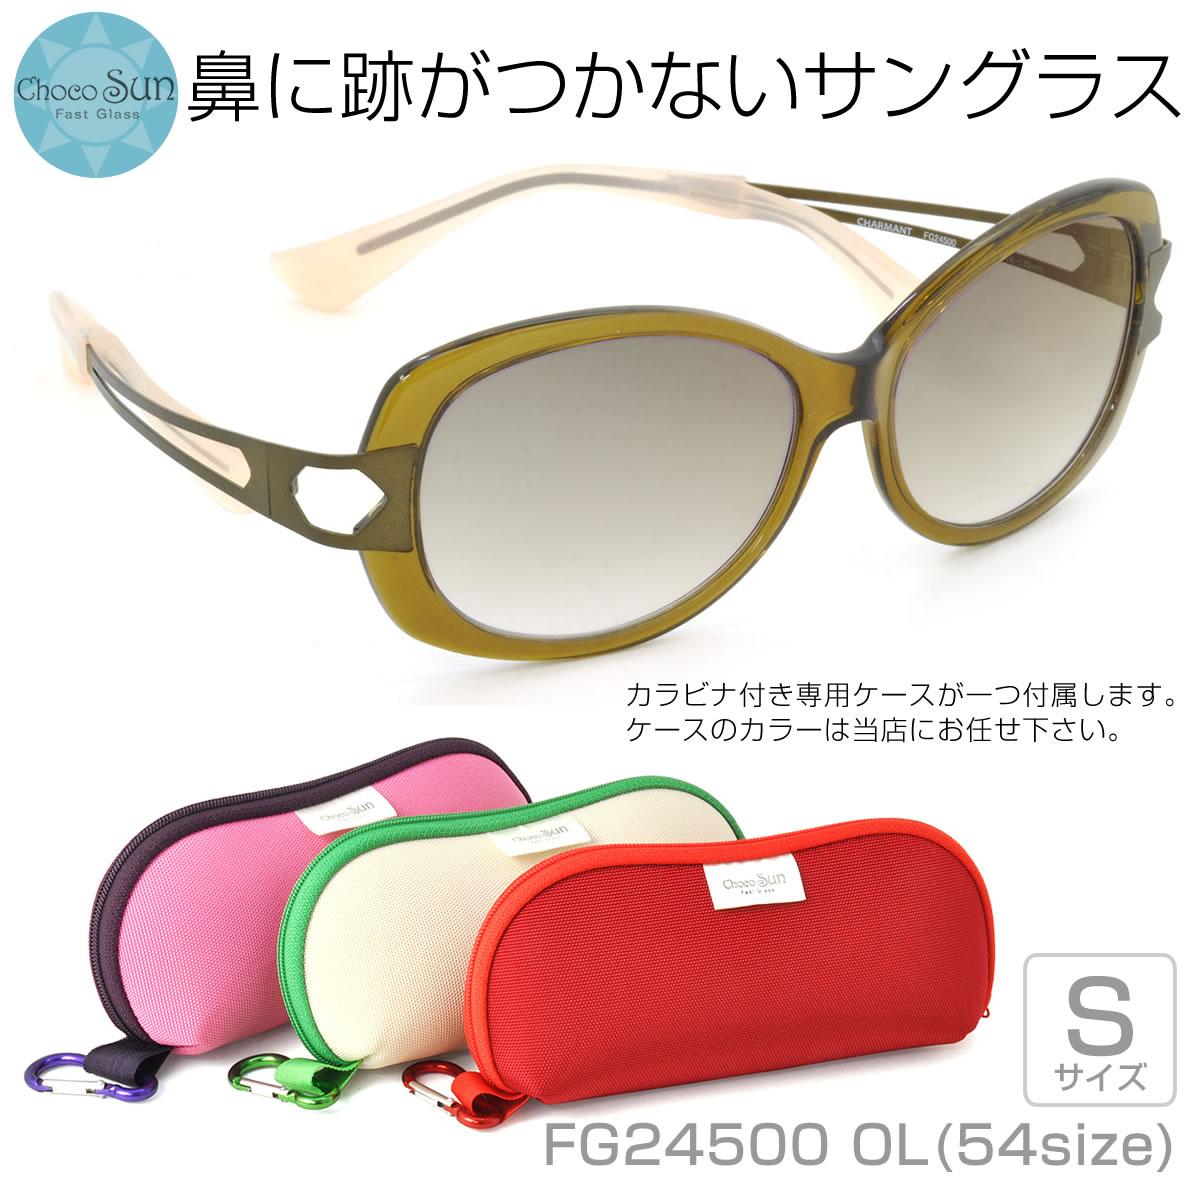 【Choco Sun】 (チョコサン) サングラスFG24500 OL 54サイズ鼻に跡がつかないサングラス Sサイズ ちょこサン ちょこさん 鼻パッドなし UVカット ブルーライトカットChocoSun メンズ レディース